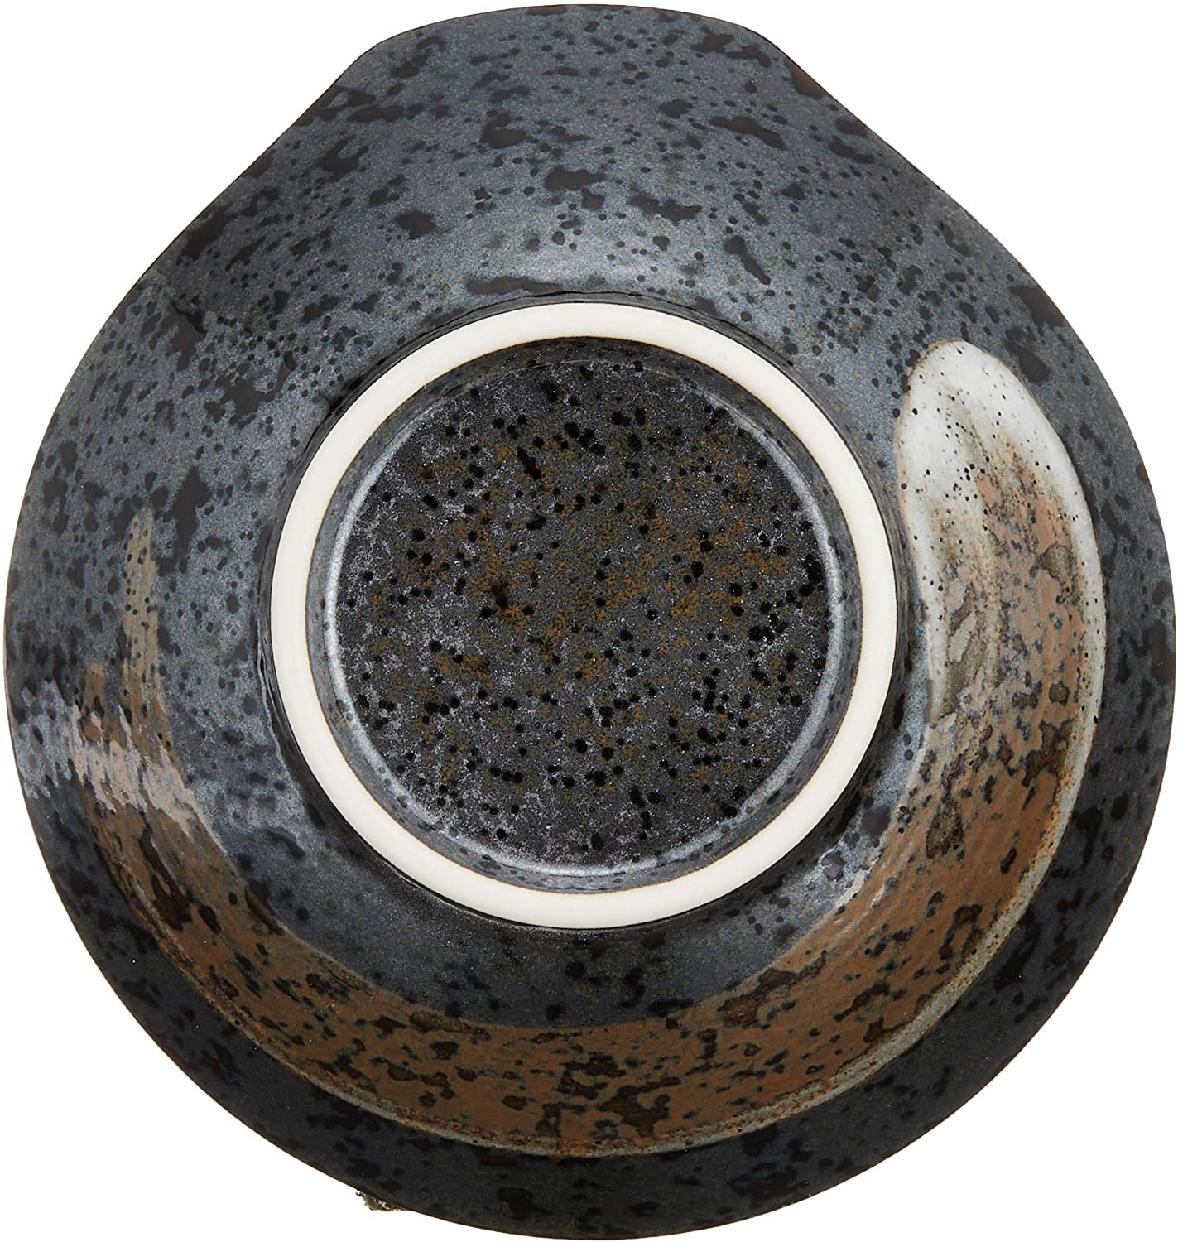 セトモノホンポ アケヨ呑水の商品画像3